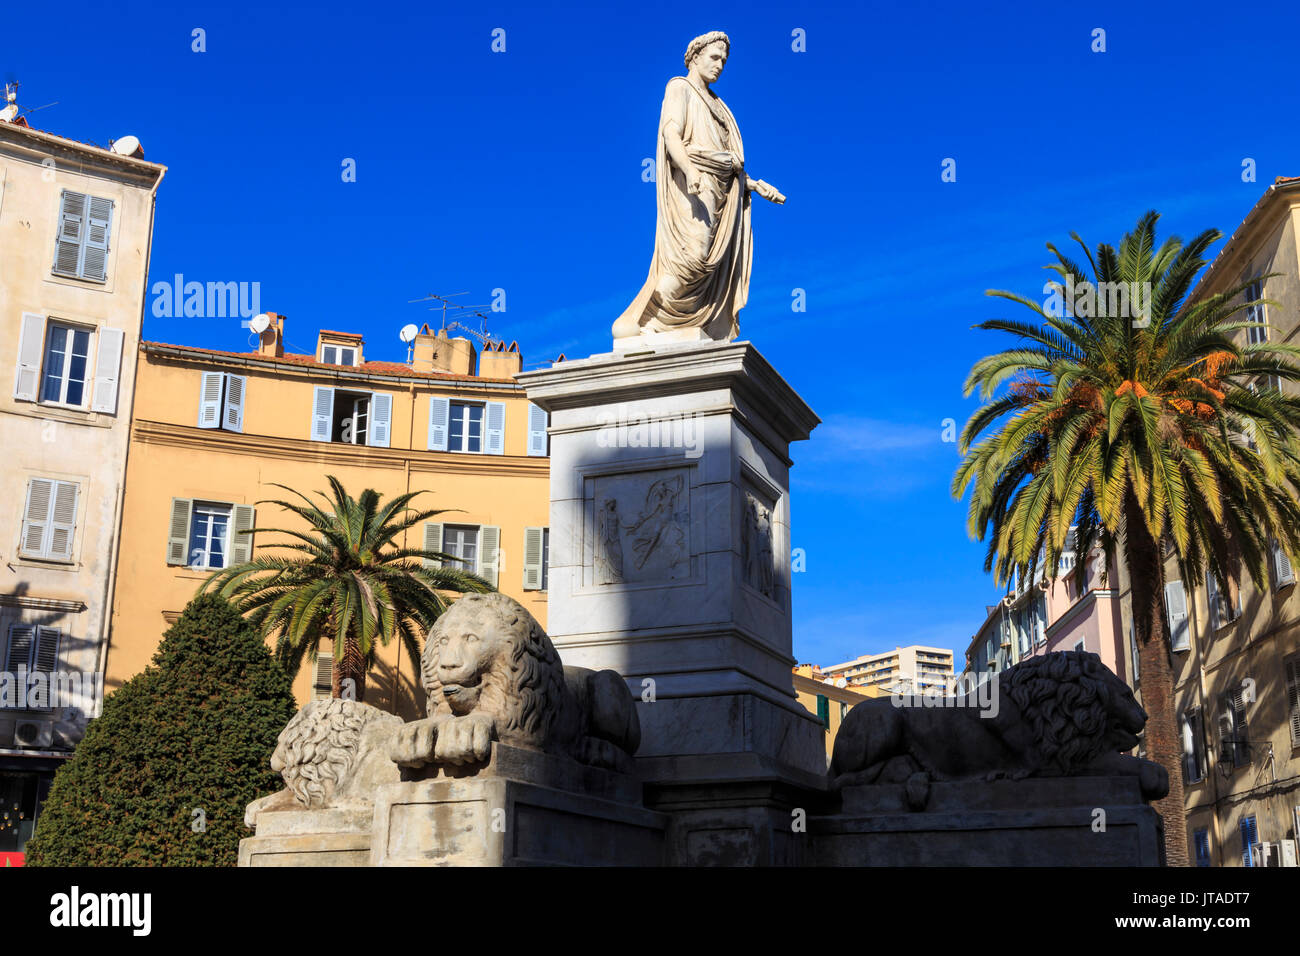 Statua di Napoleone come imperatore romano, con i lions e palme, edifici color pastello, Place Foch, Ajaccio, Isola Foto Stock